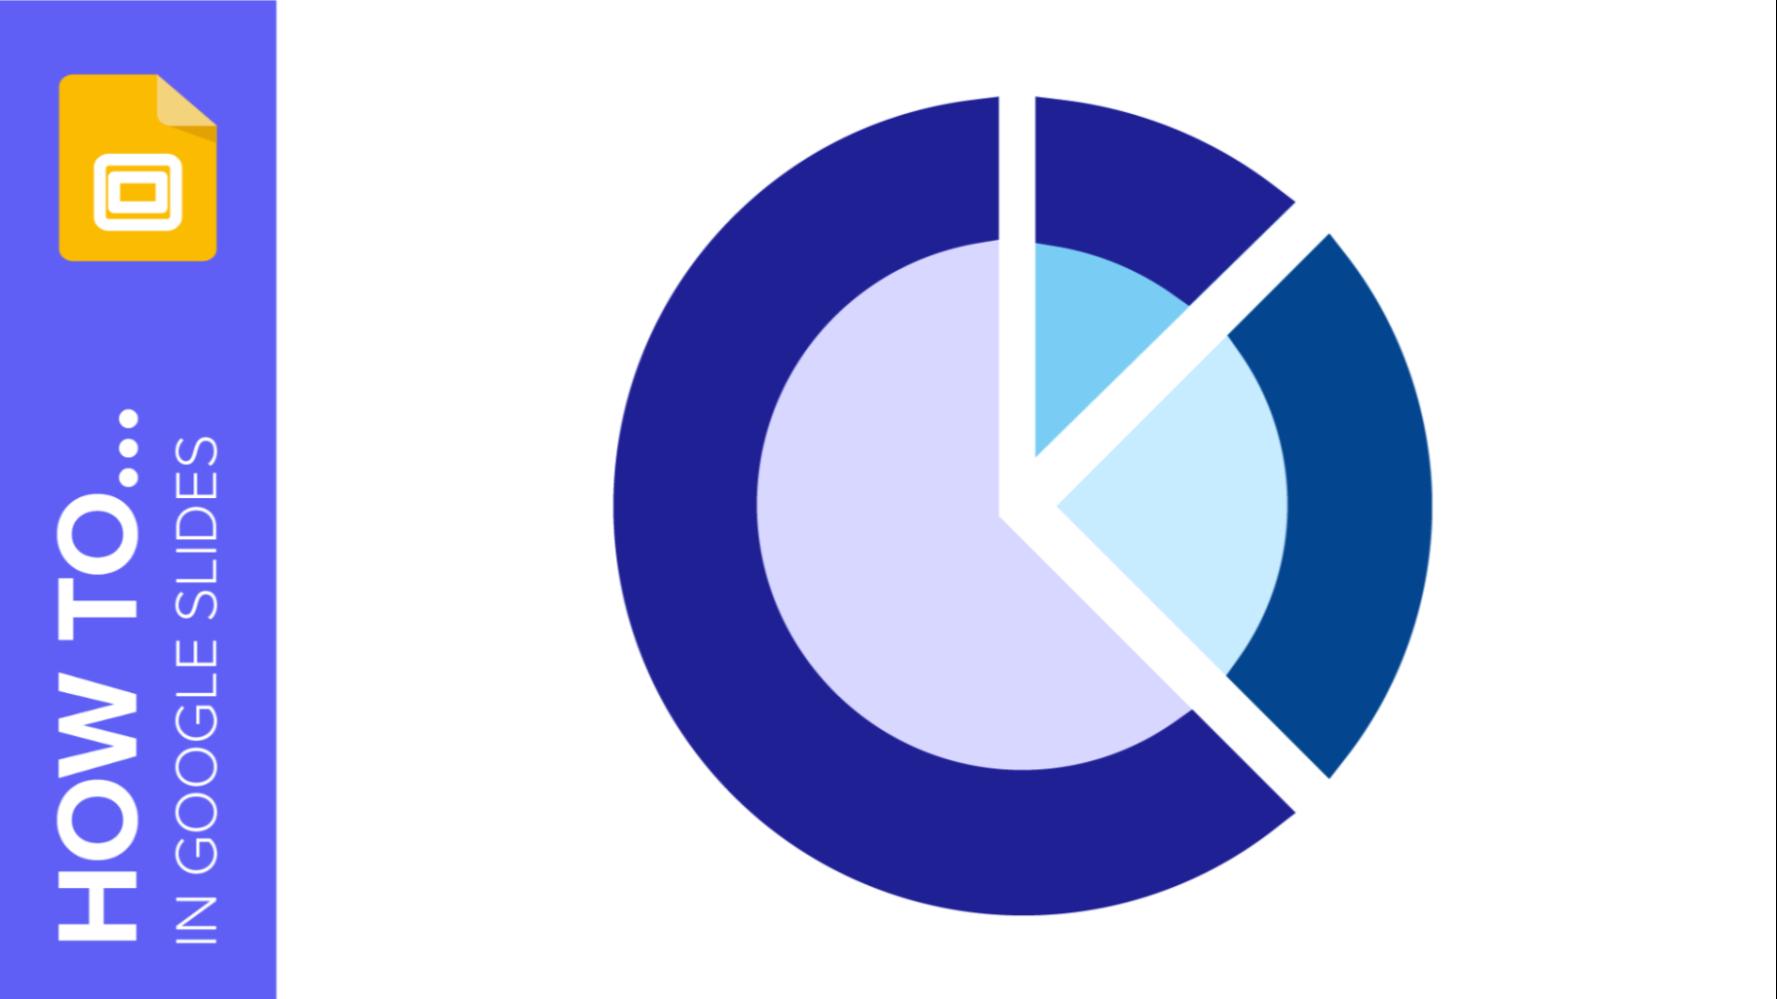 How to Make a Radial Chart in Google Slides | Tutoriels et conseils pour vos présentations